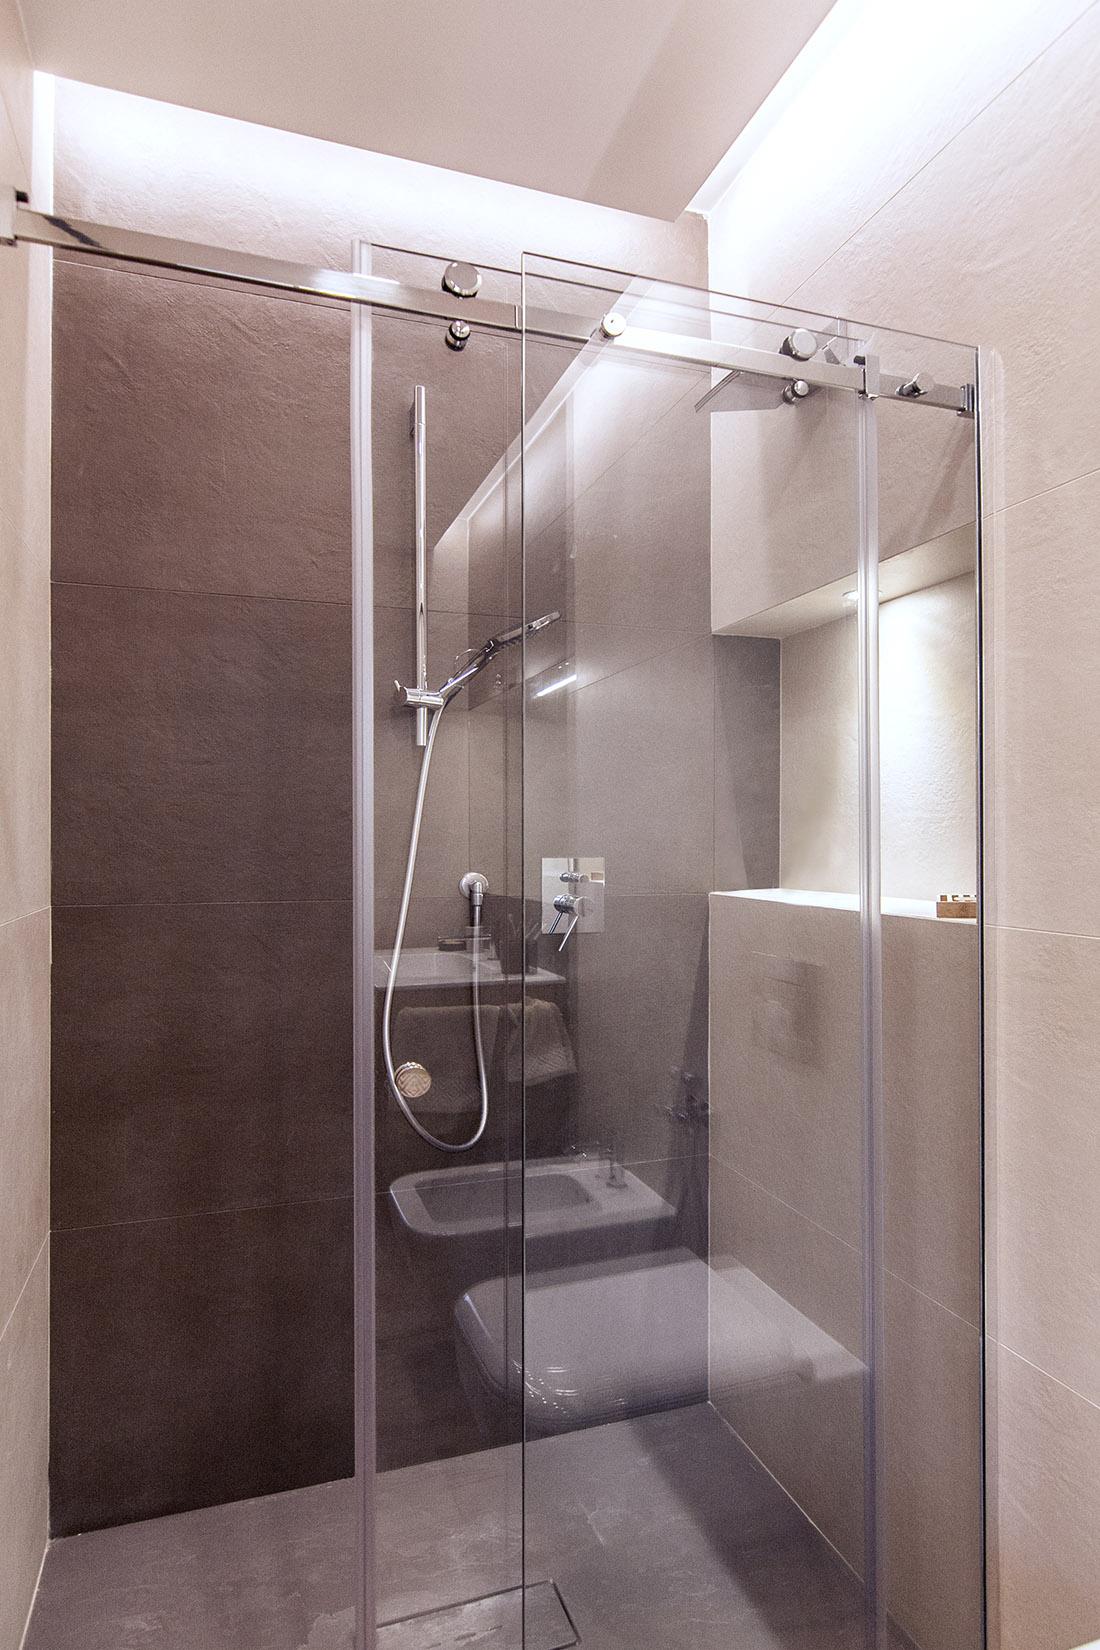 casa-tao-napoli-tufo-a-vista-recupero-moderno-pucciarelli-architetti-bagno-doccia